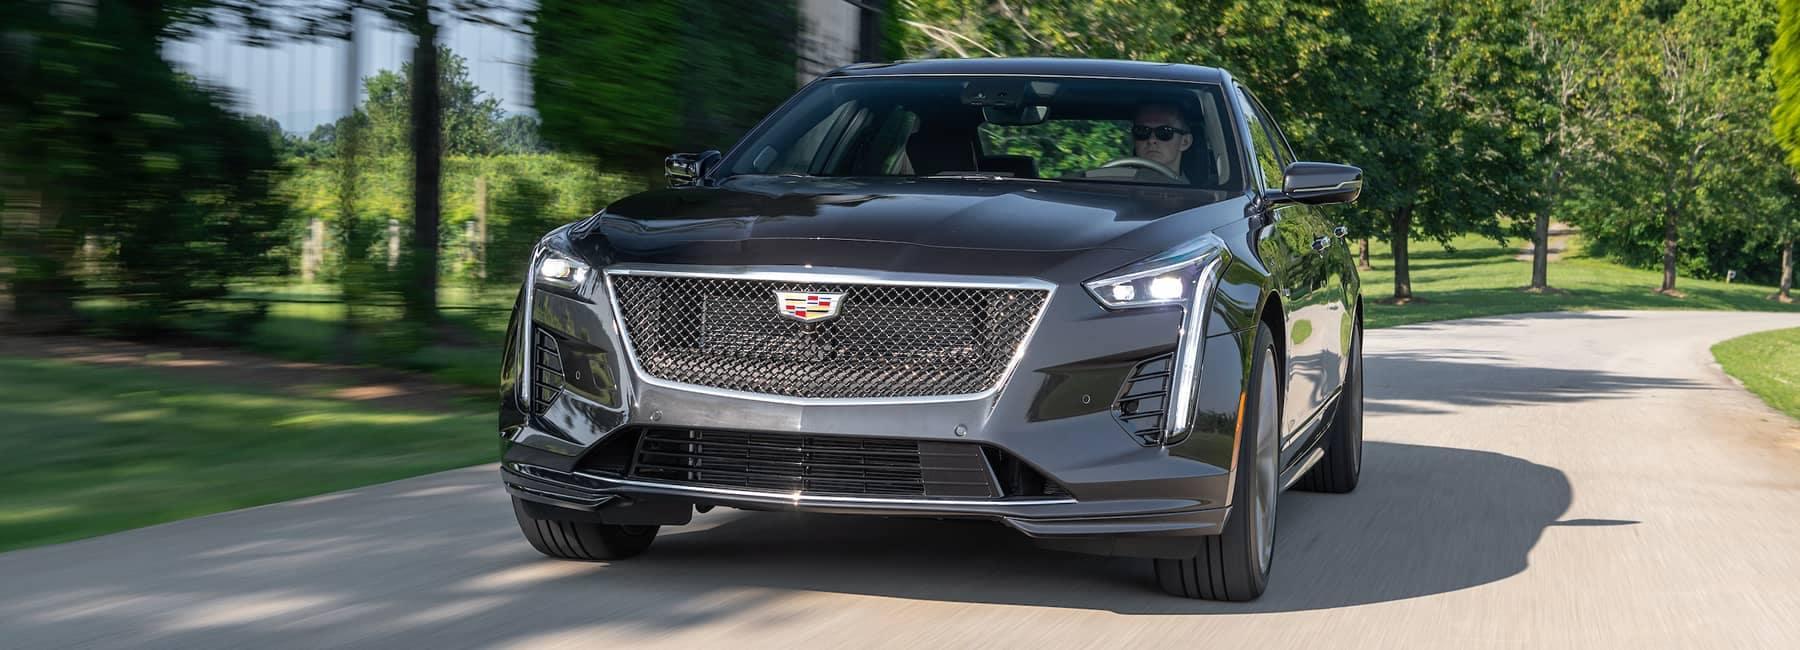 Cadillac Banner Image - Black Cadillac Sedan driving down a street